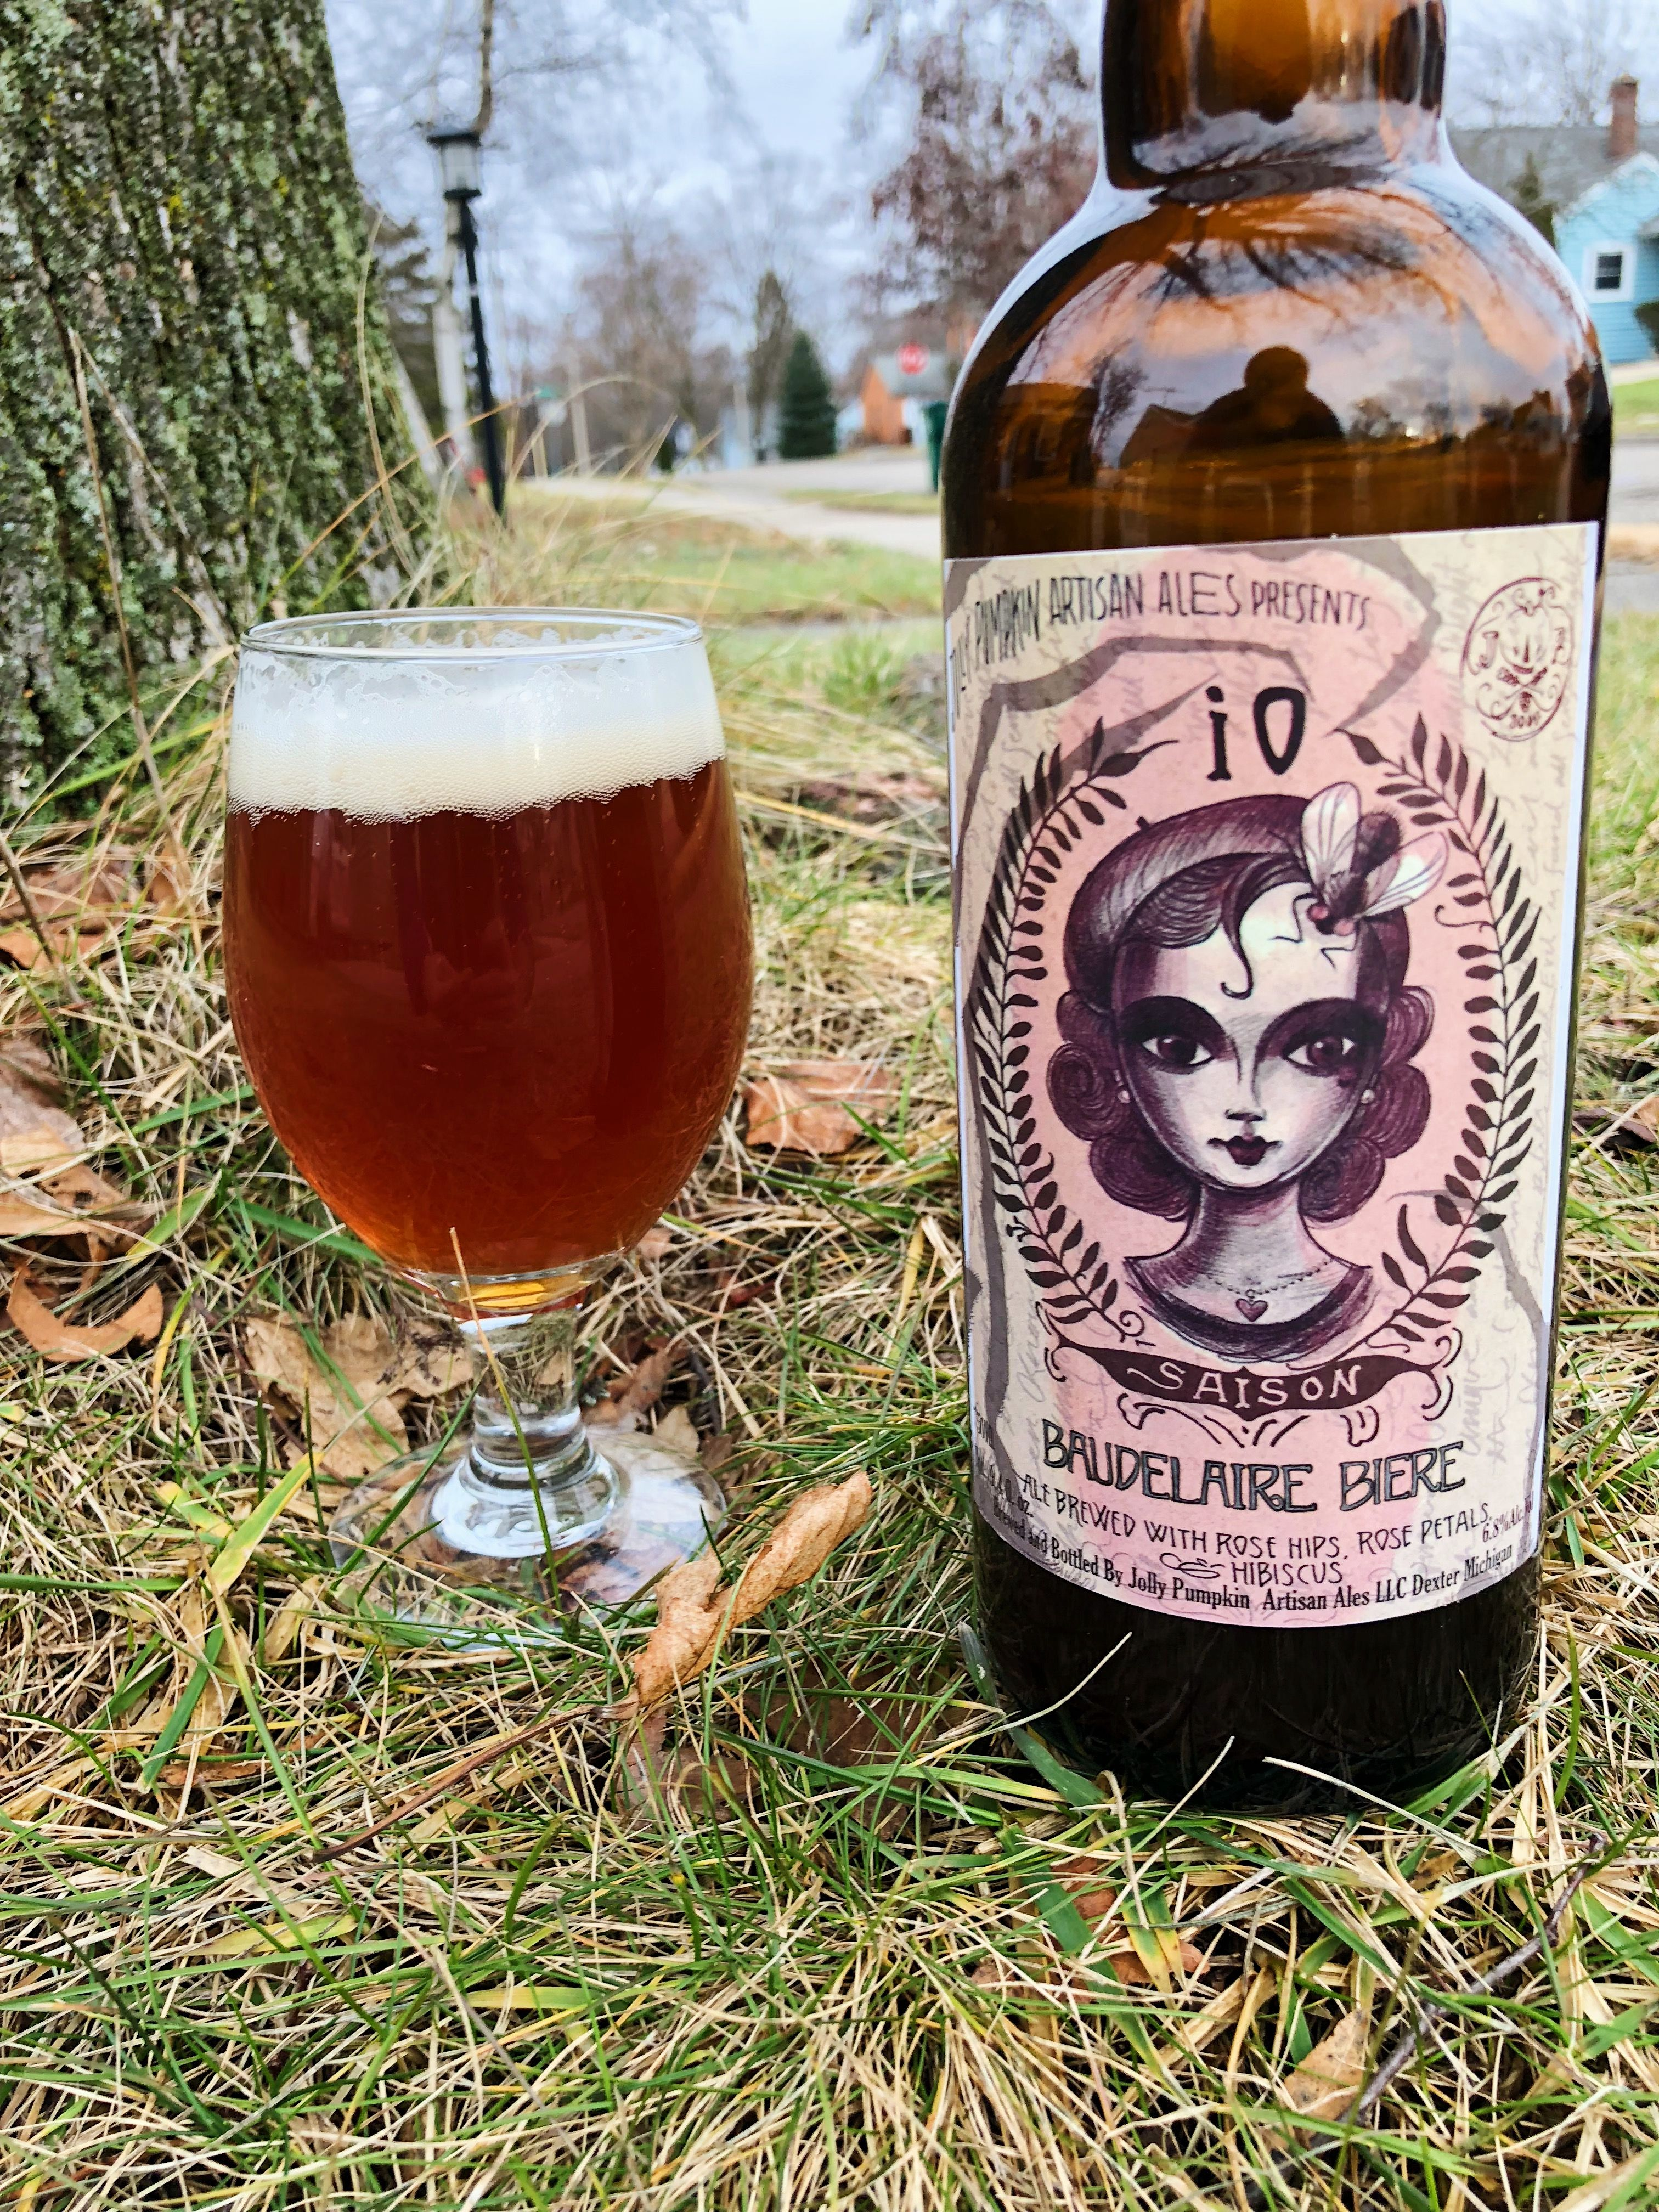 iO Saison beer bottle